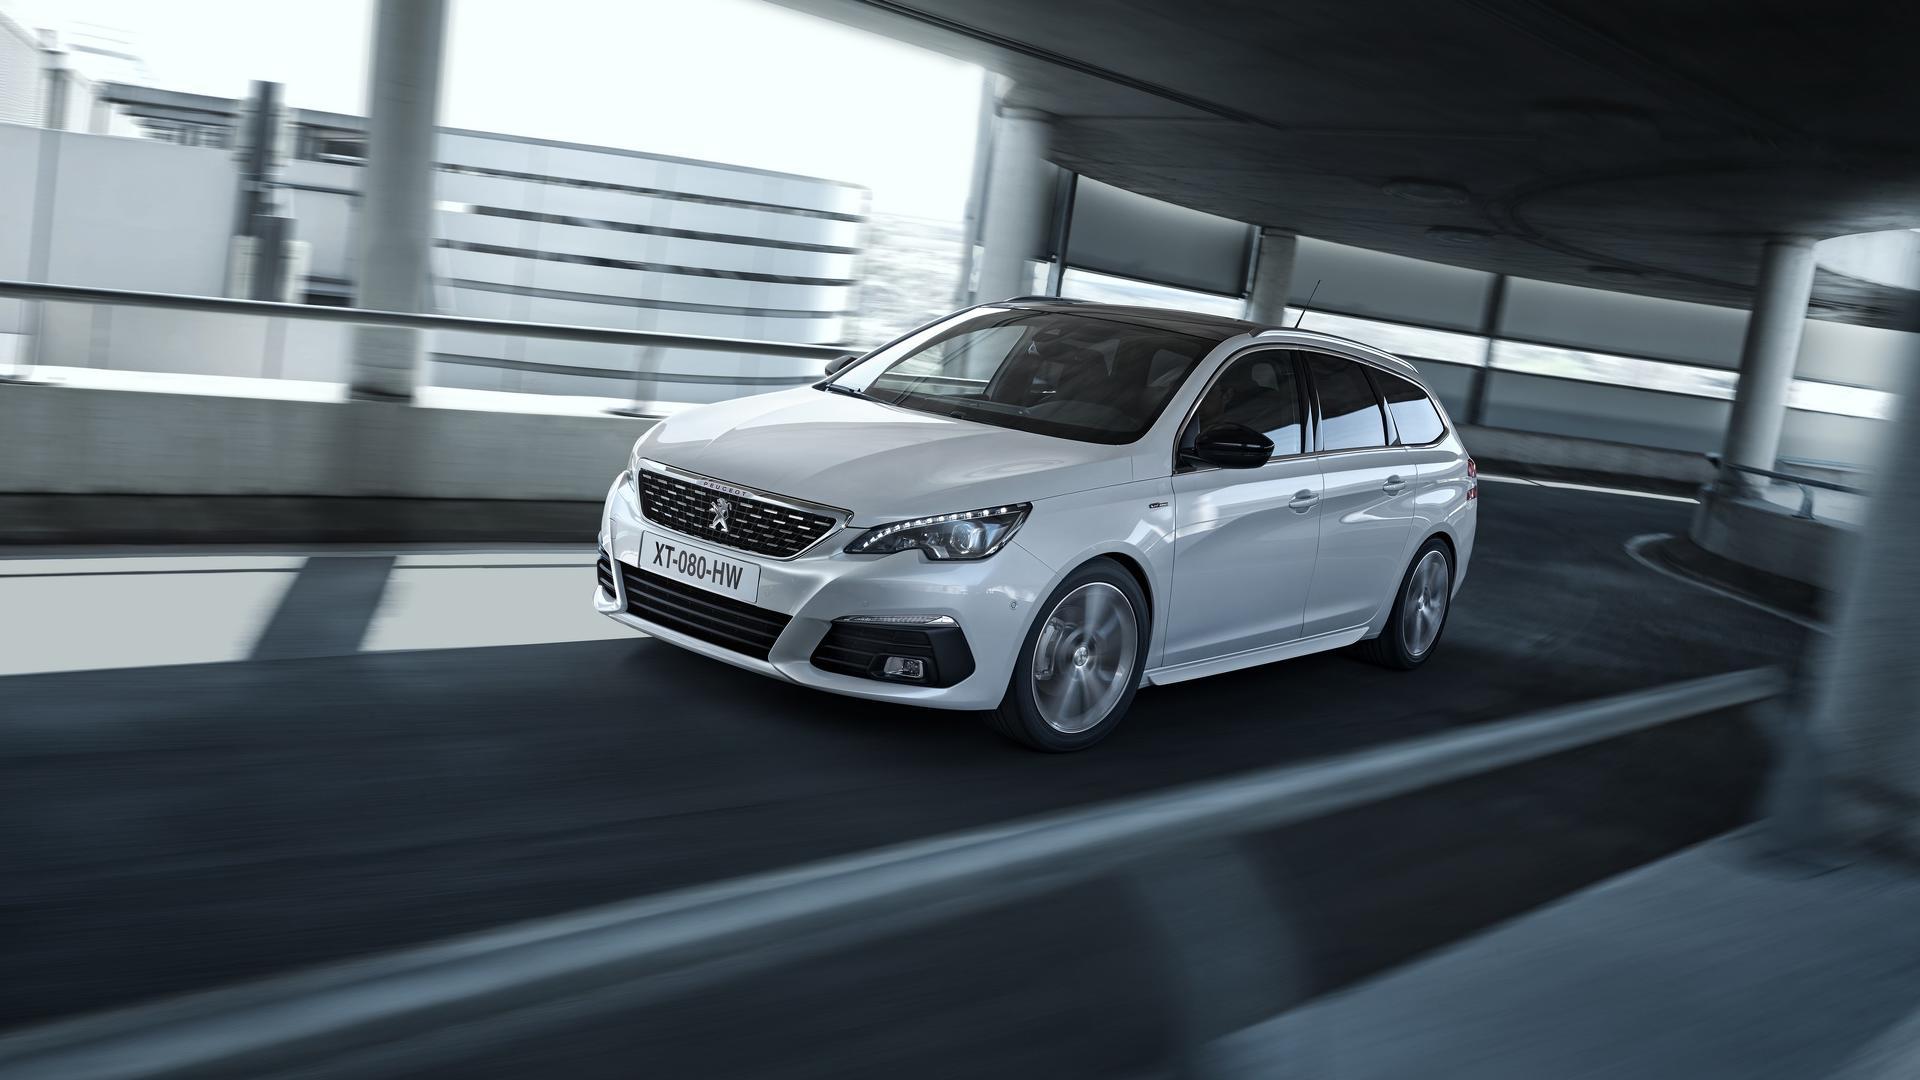 Os detalhes do novo Peugeot 308